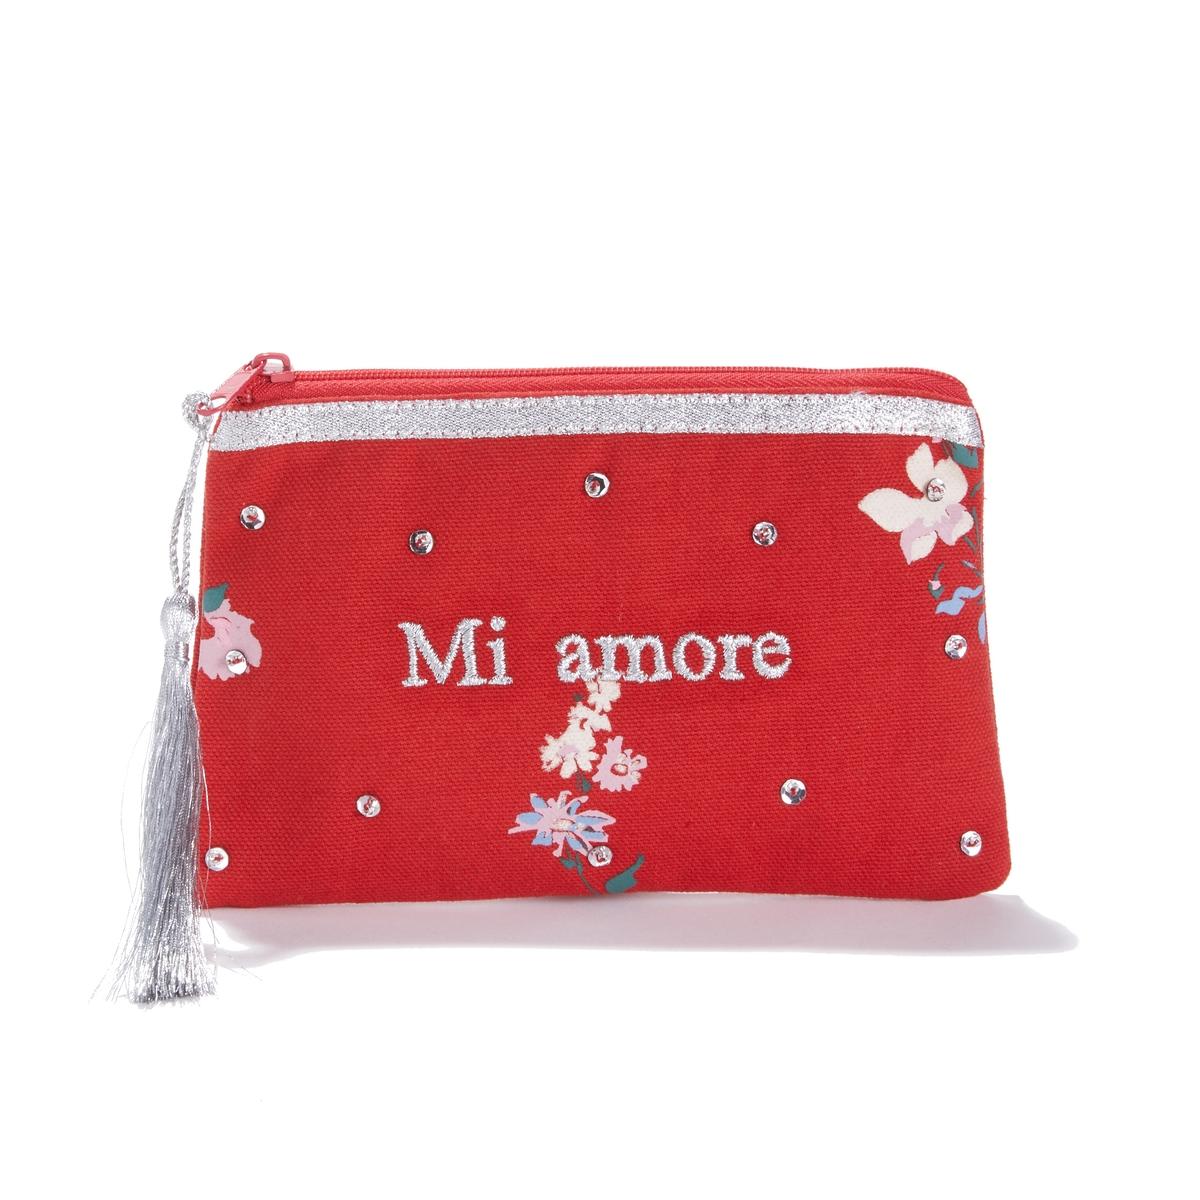 Клатч с надписью Mi amore AUDE ecco aude